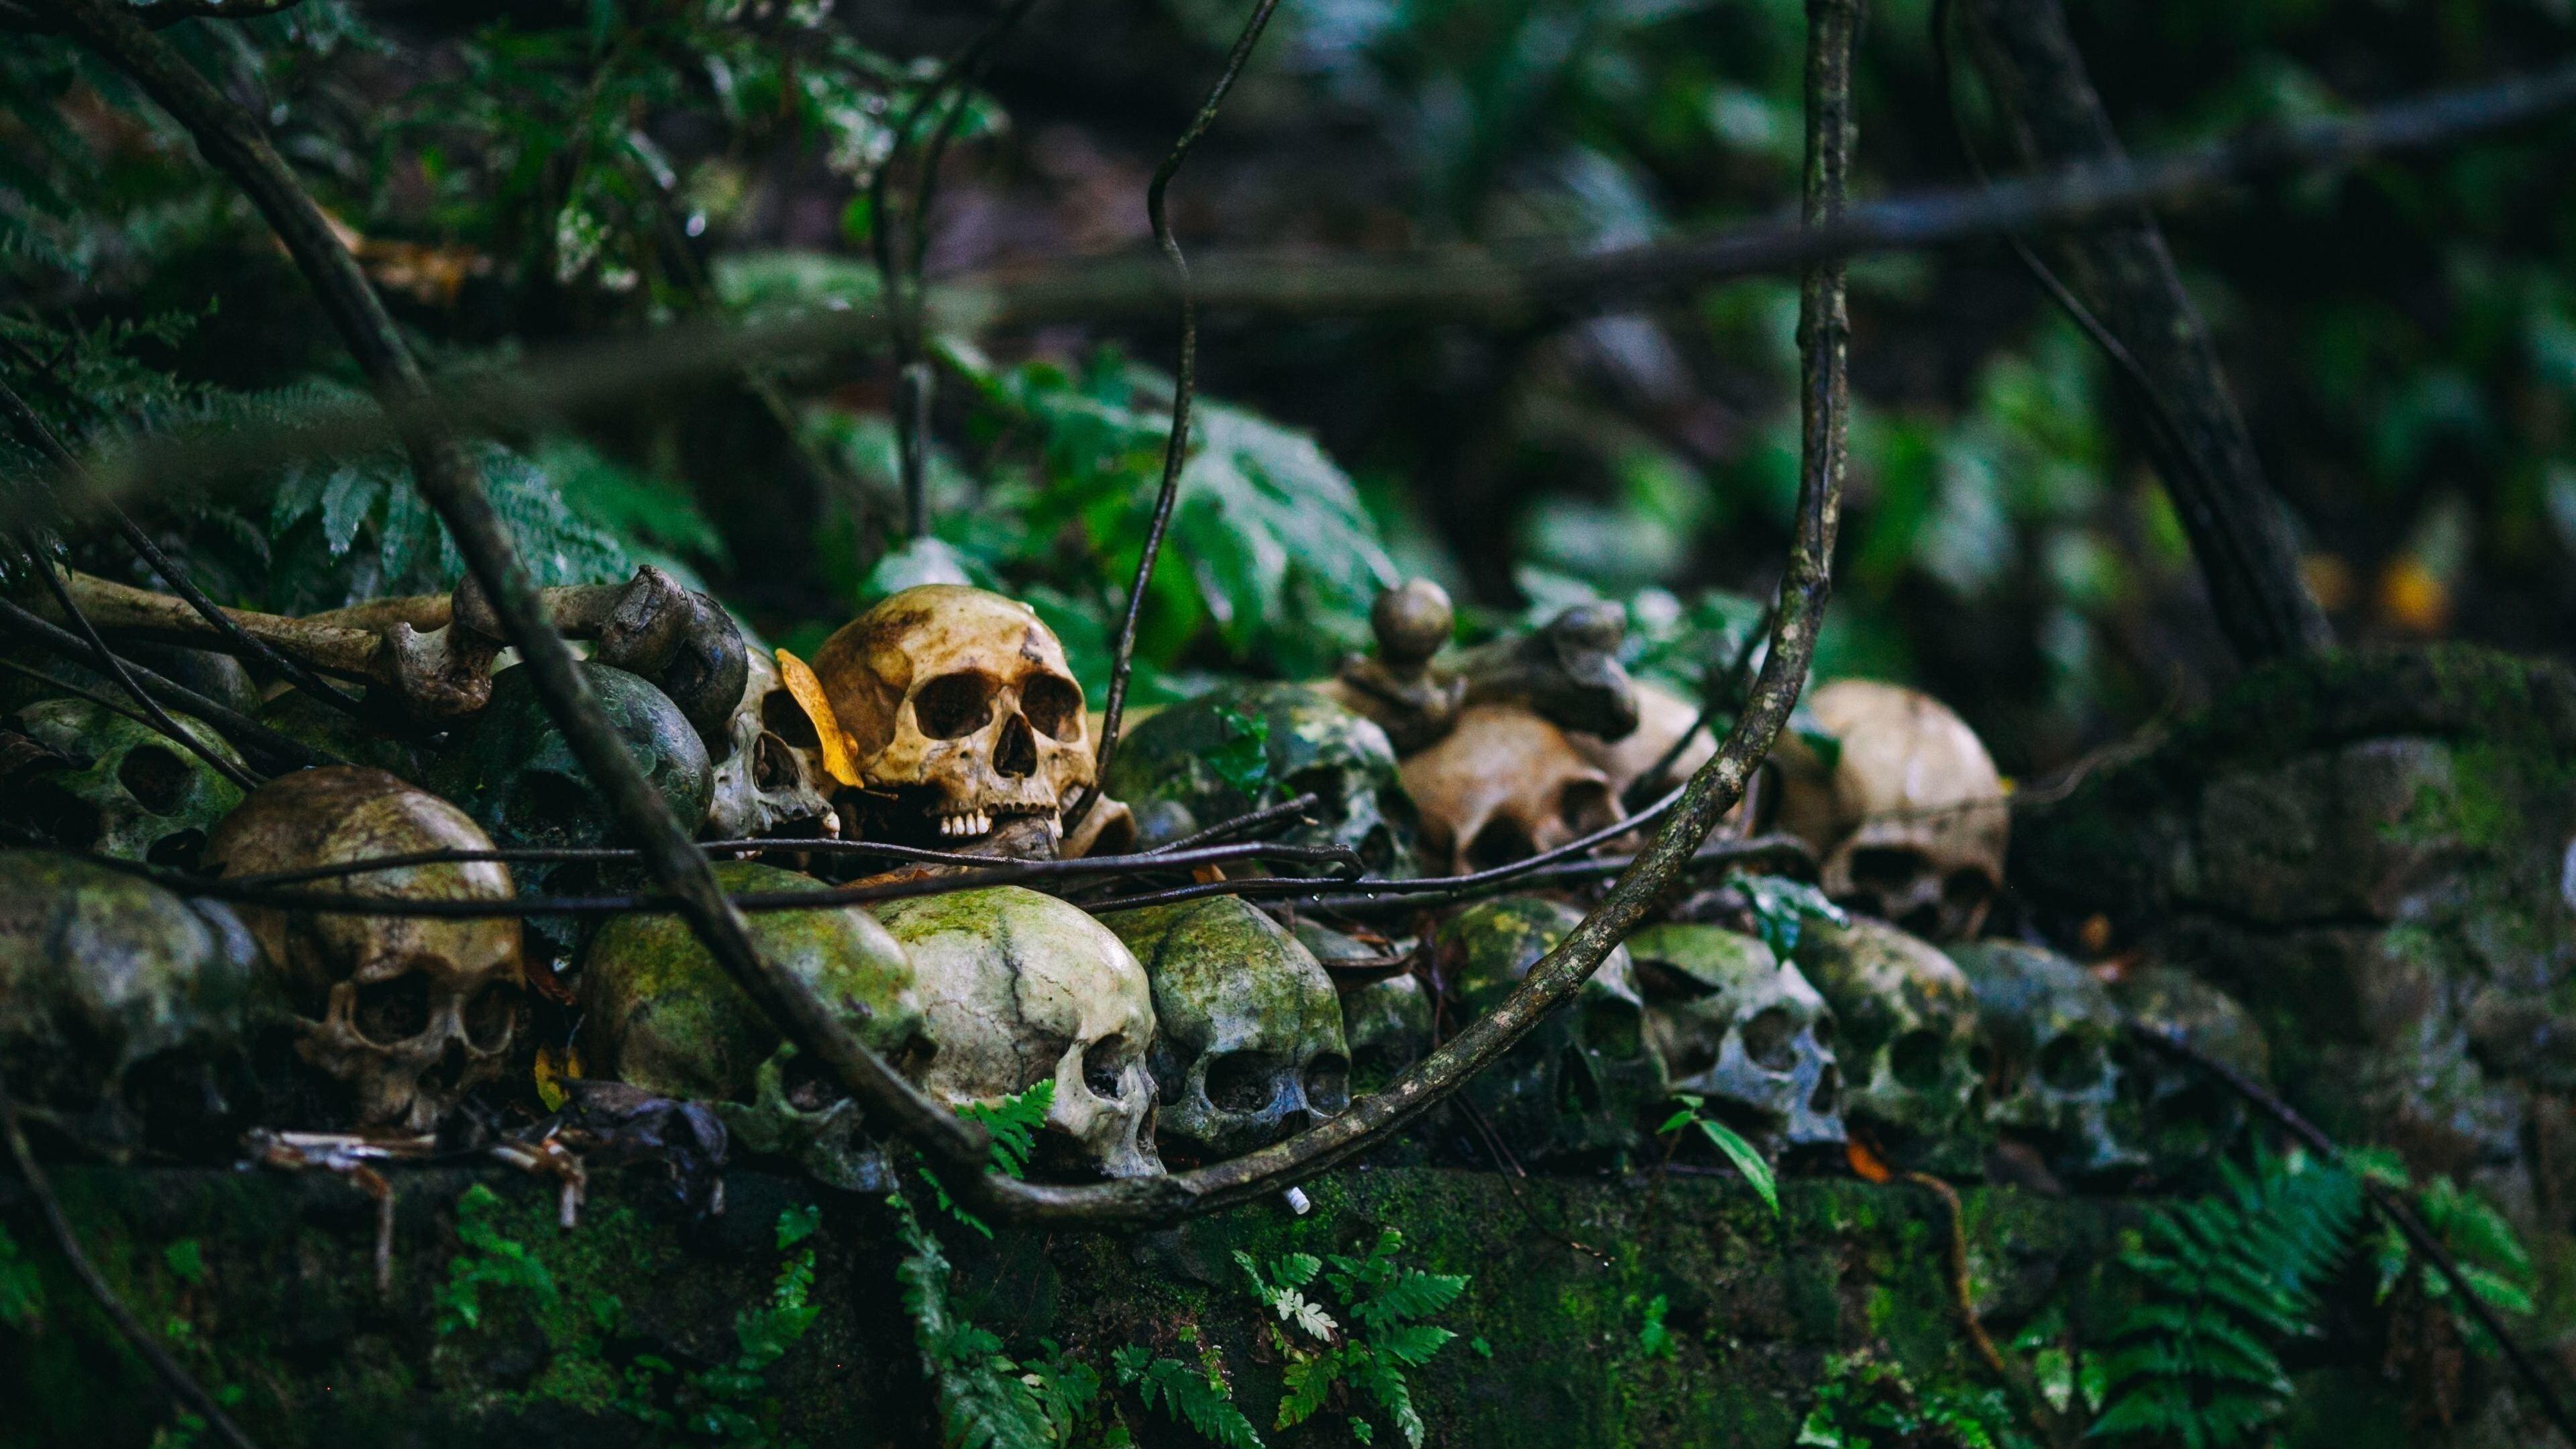 Horror Skull In Jungle 4k Wallpaper Hd Wallpapers